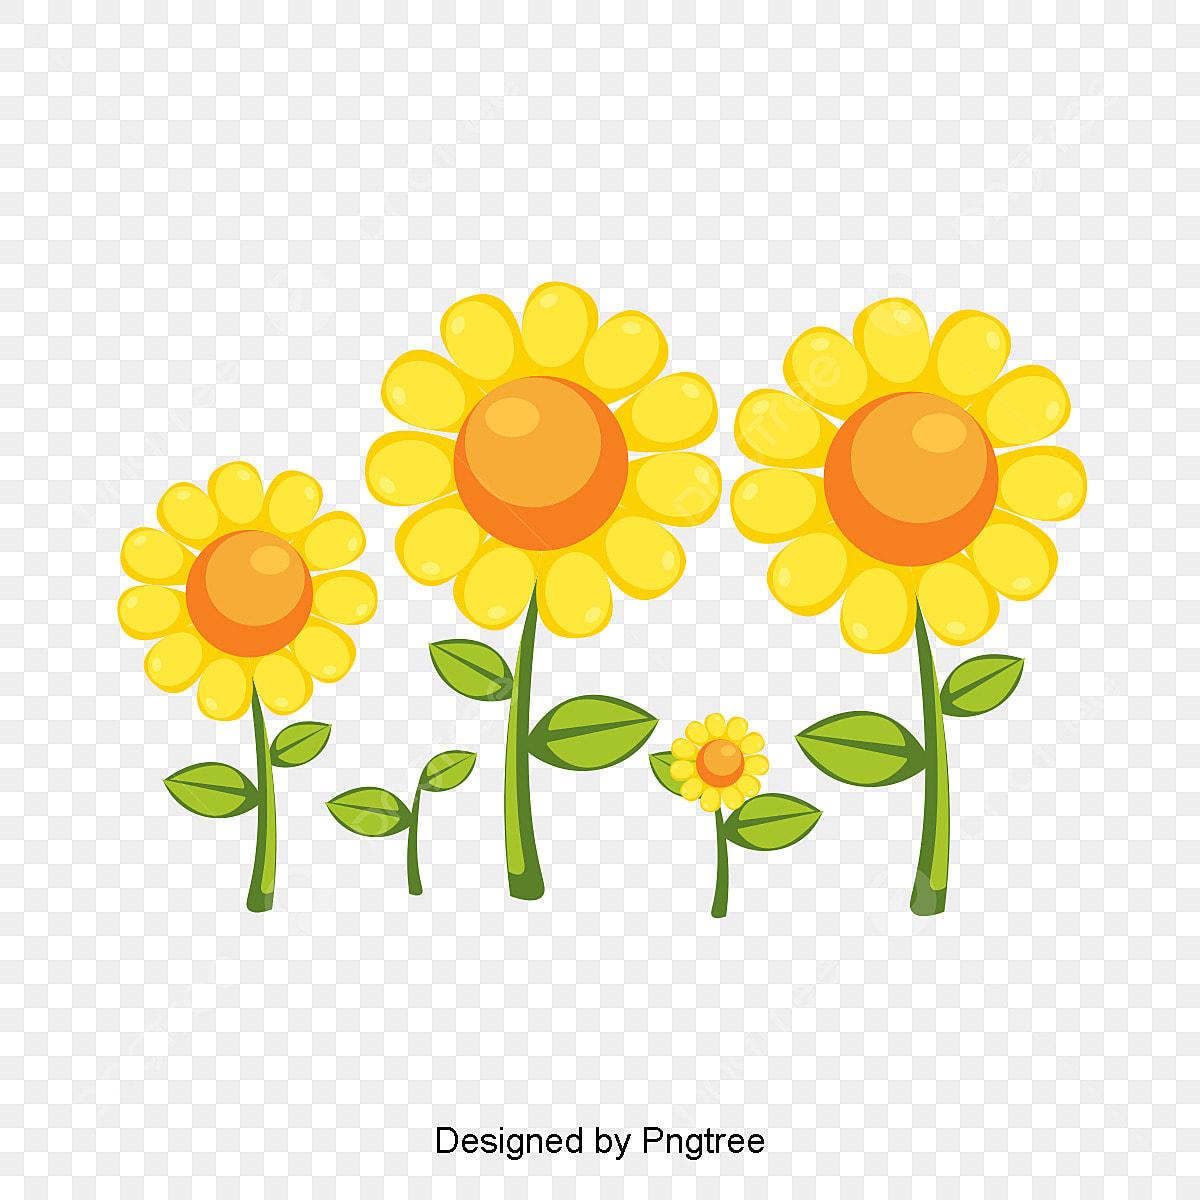 Pintados A Mao Flor De Girassol Desenho Elemento Cartoon Simples